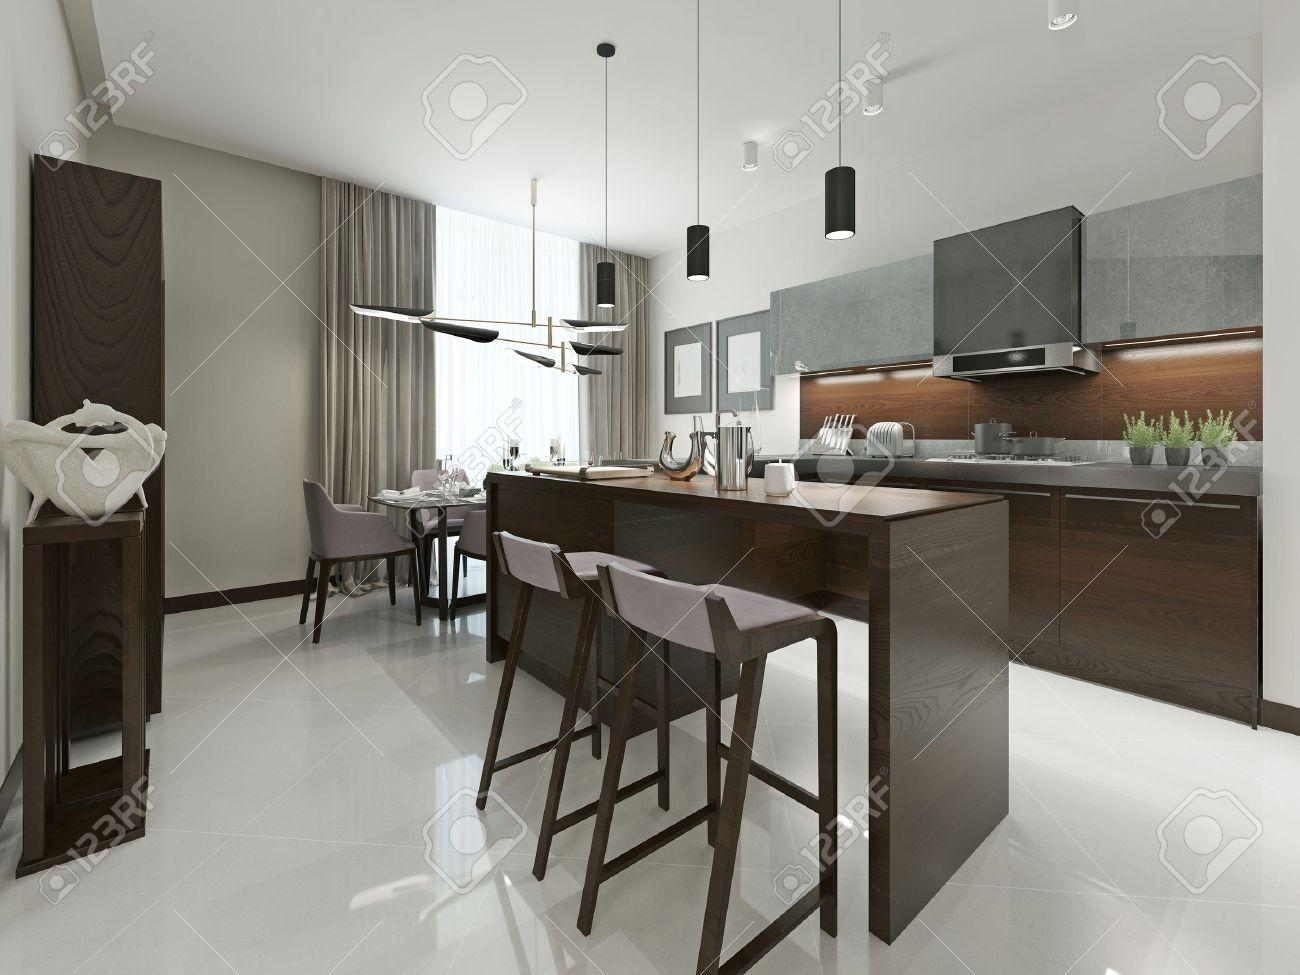 Interior Moderne Küche Mit Bar Und Barhockern. Küchenmöbel Holz Mit ...